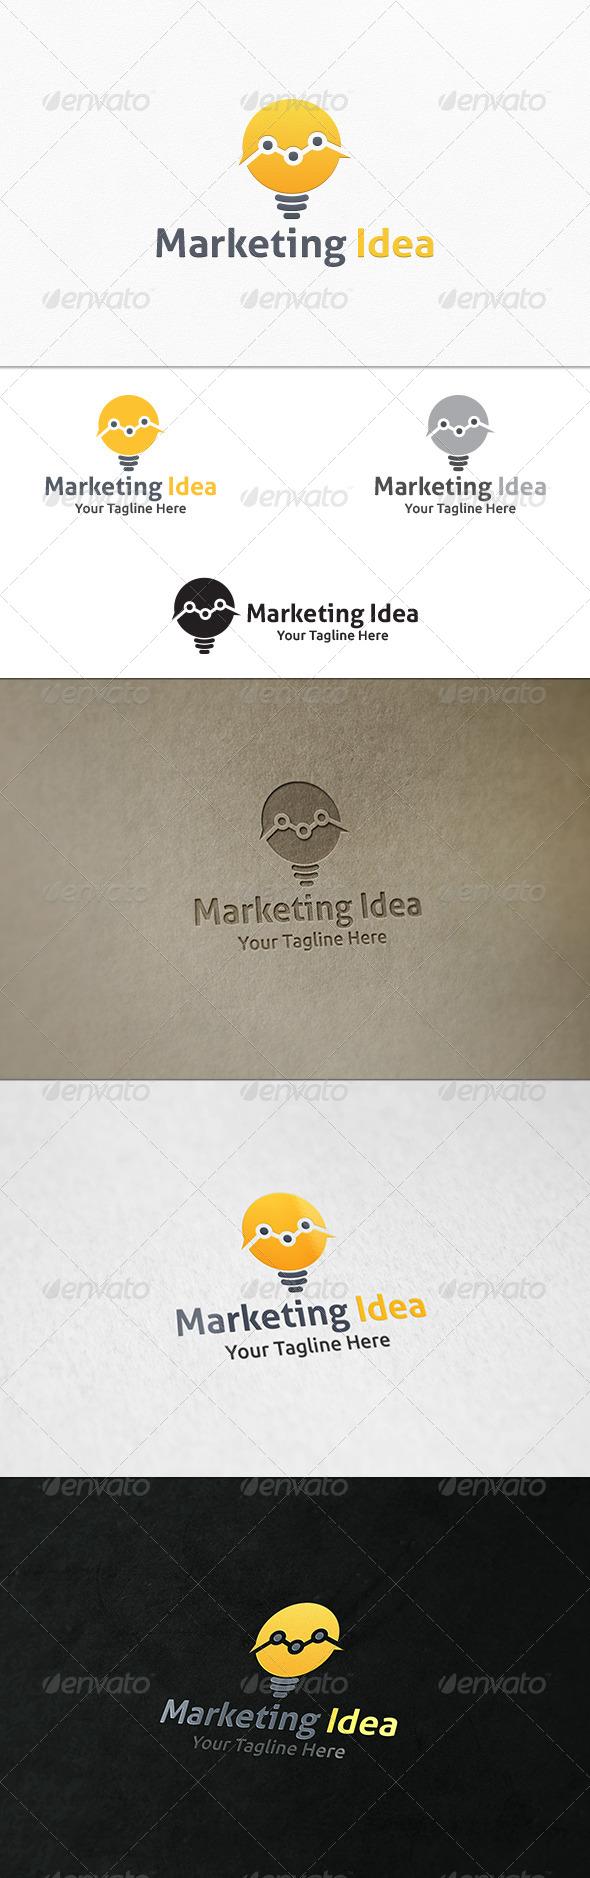 GraphicRiver Marketing Idea Logo Template 7657659